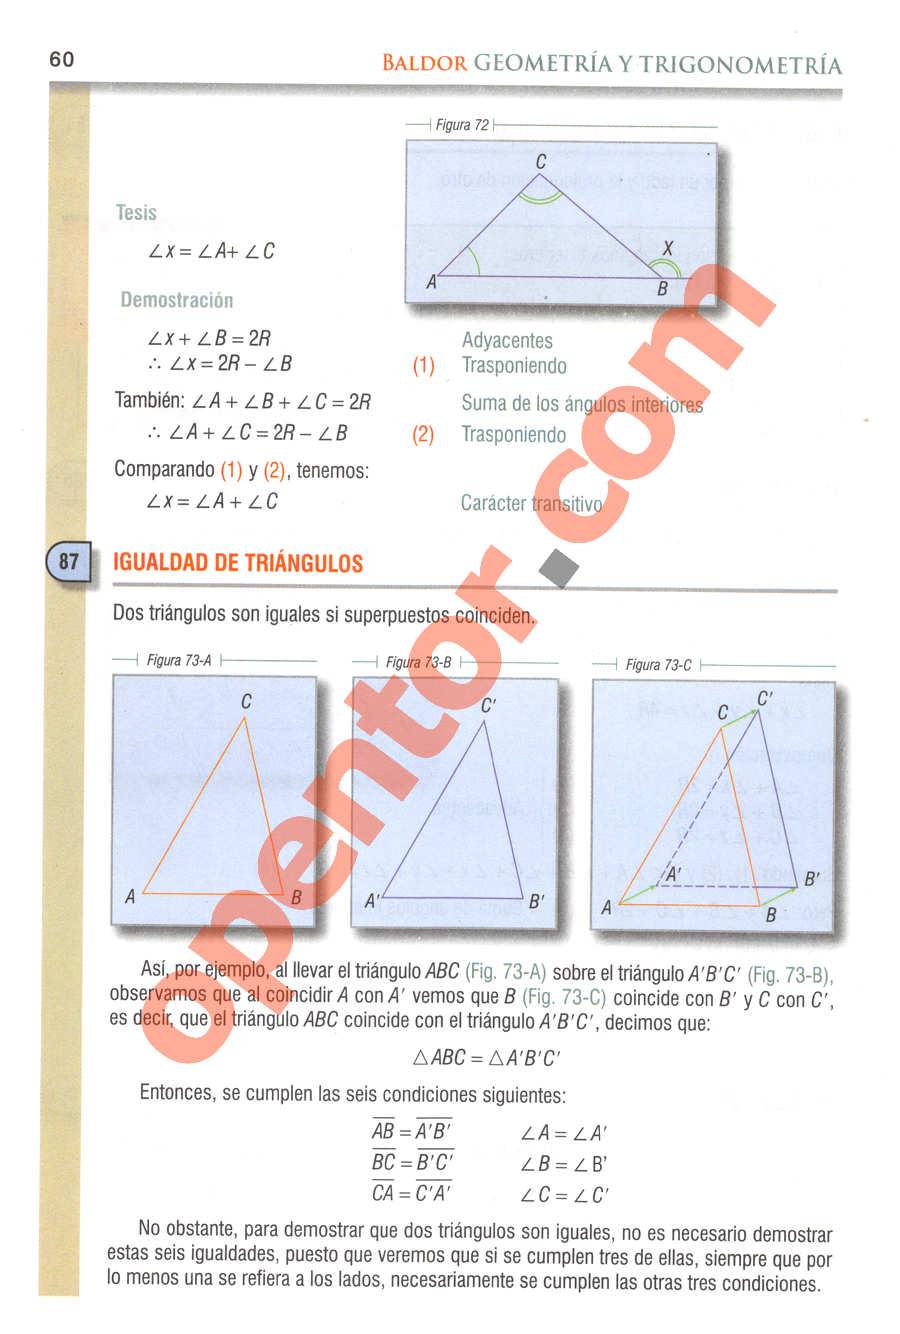 Geometría y Trigonometría de Baldor - Página 60